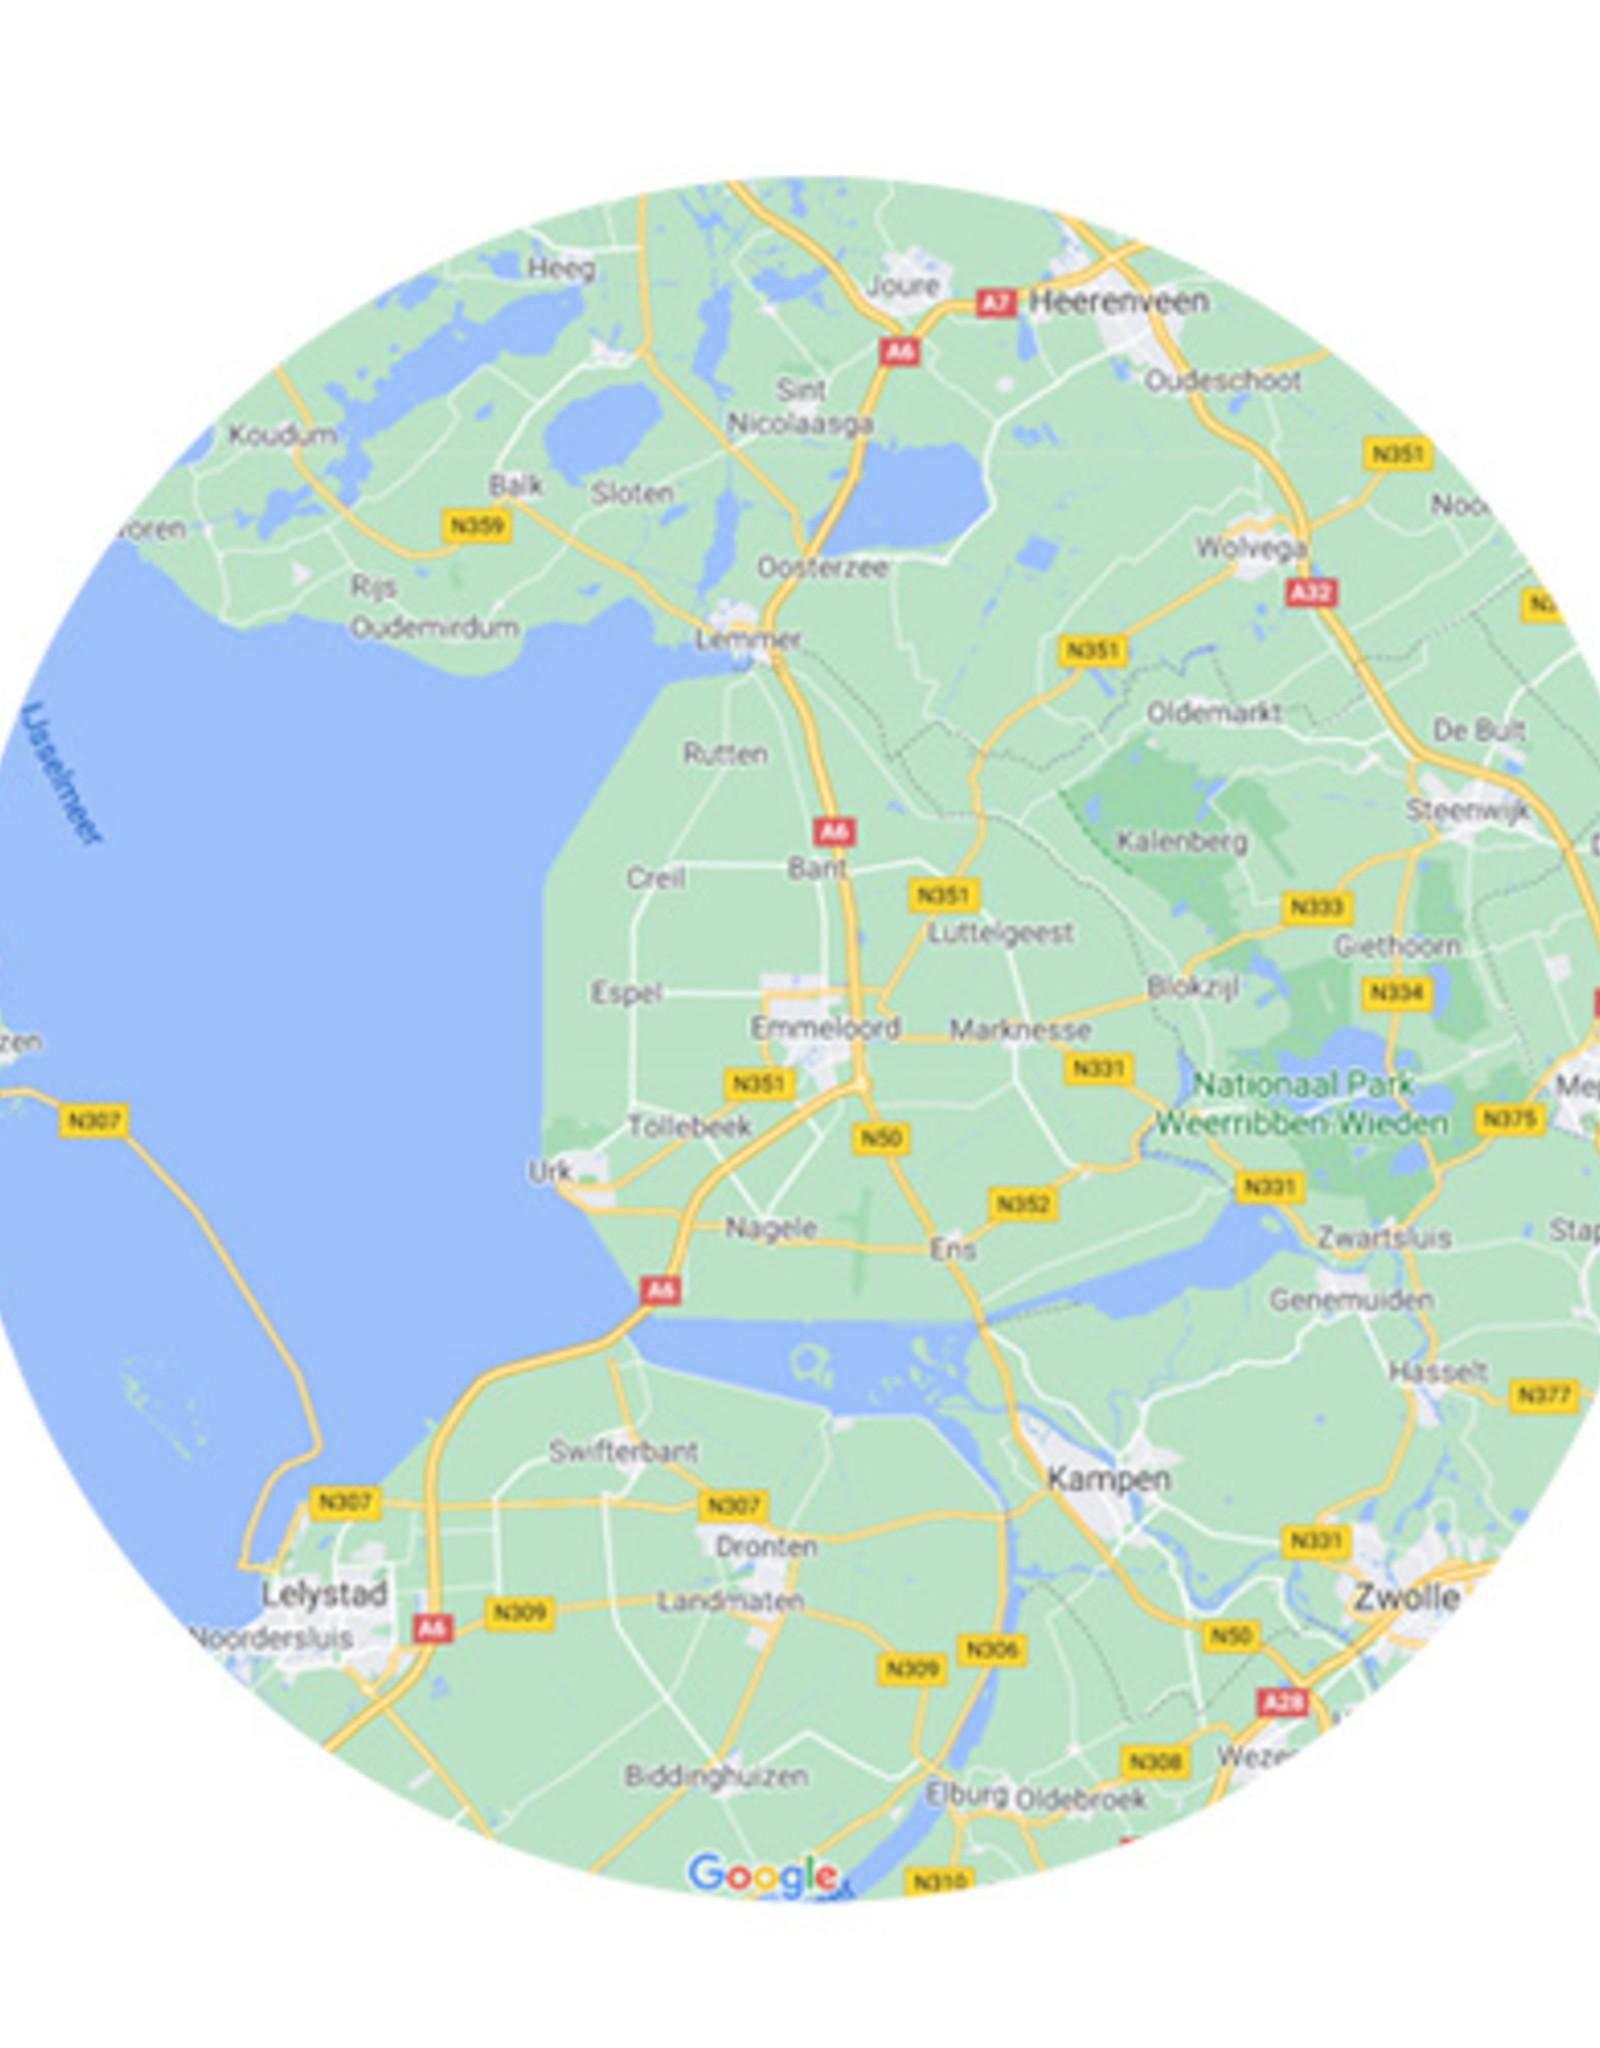 Transport (enkel) binnen 35 km (Traktieweg 12;Emmeloord)